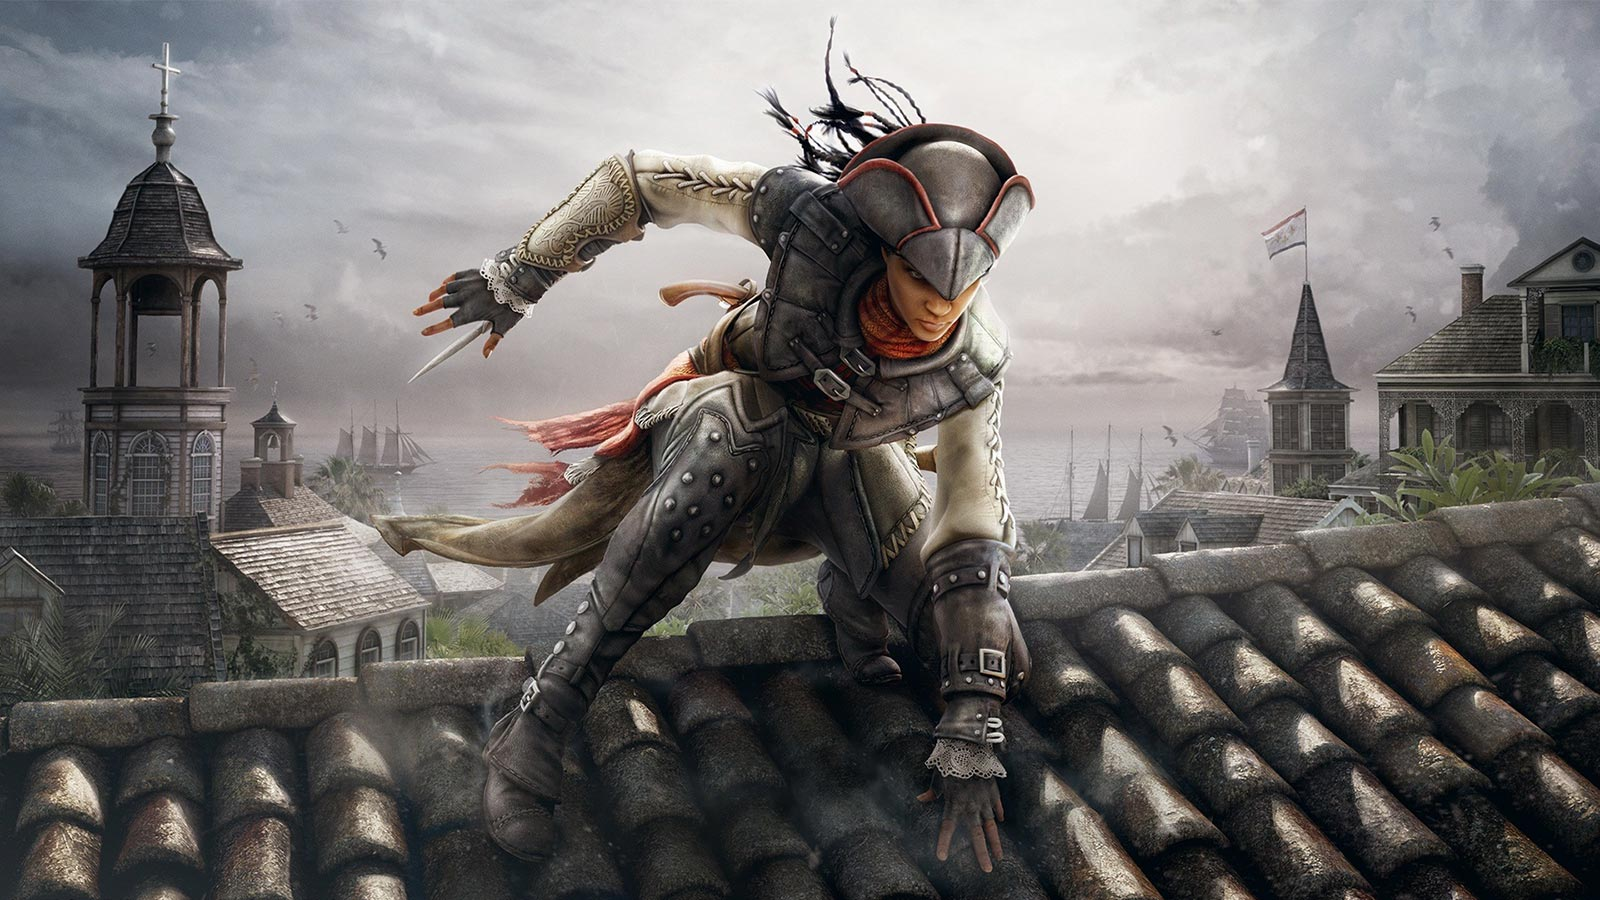 Assassin's Creed III: Liberation mettait en vedette une femme dans le rôle du protagoniste